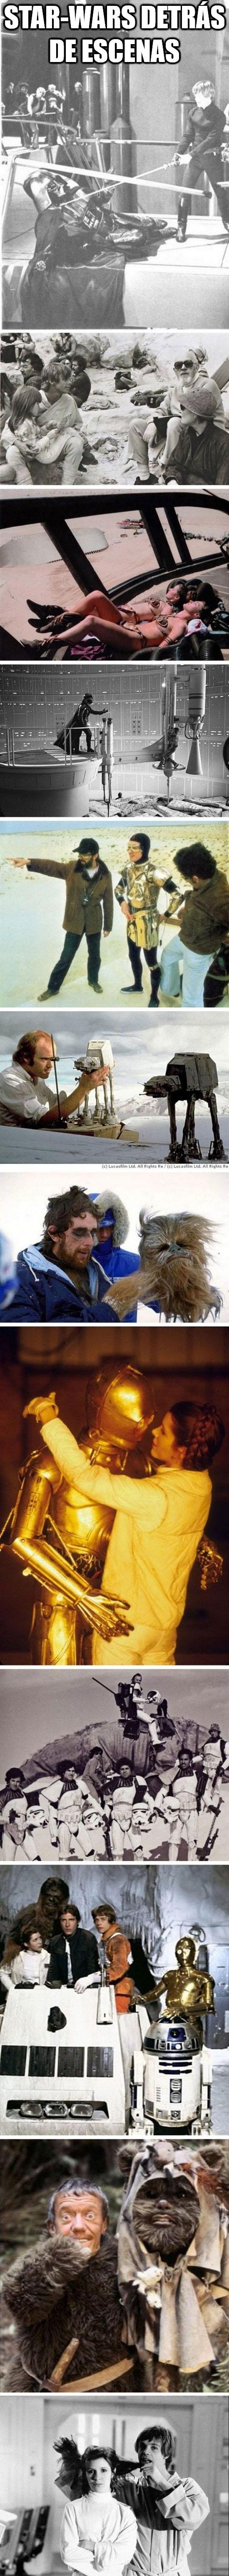 Meme_otros - Imágenes muy valiosas para los fans de Star-Wars